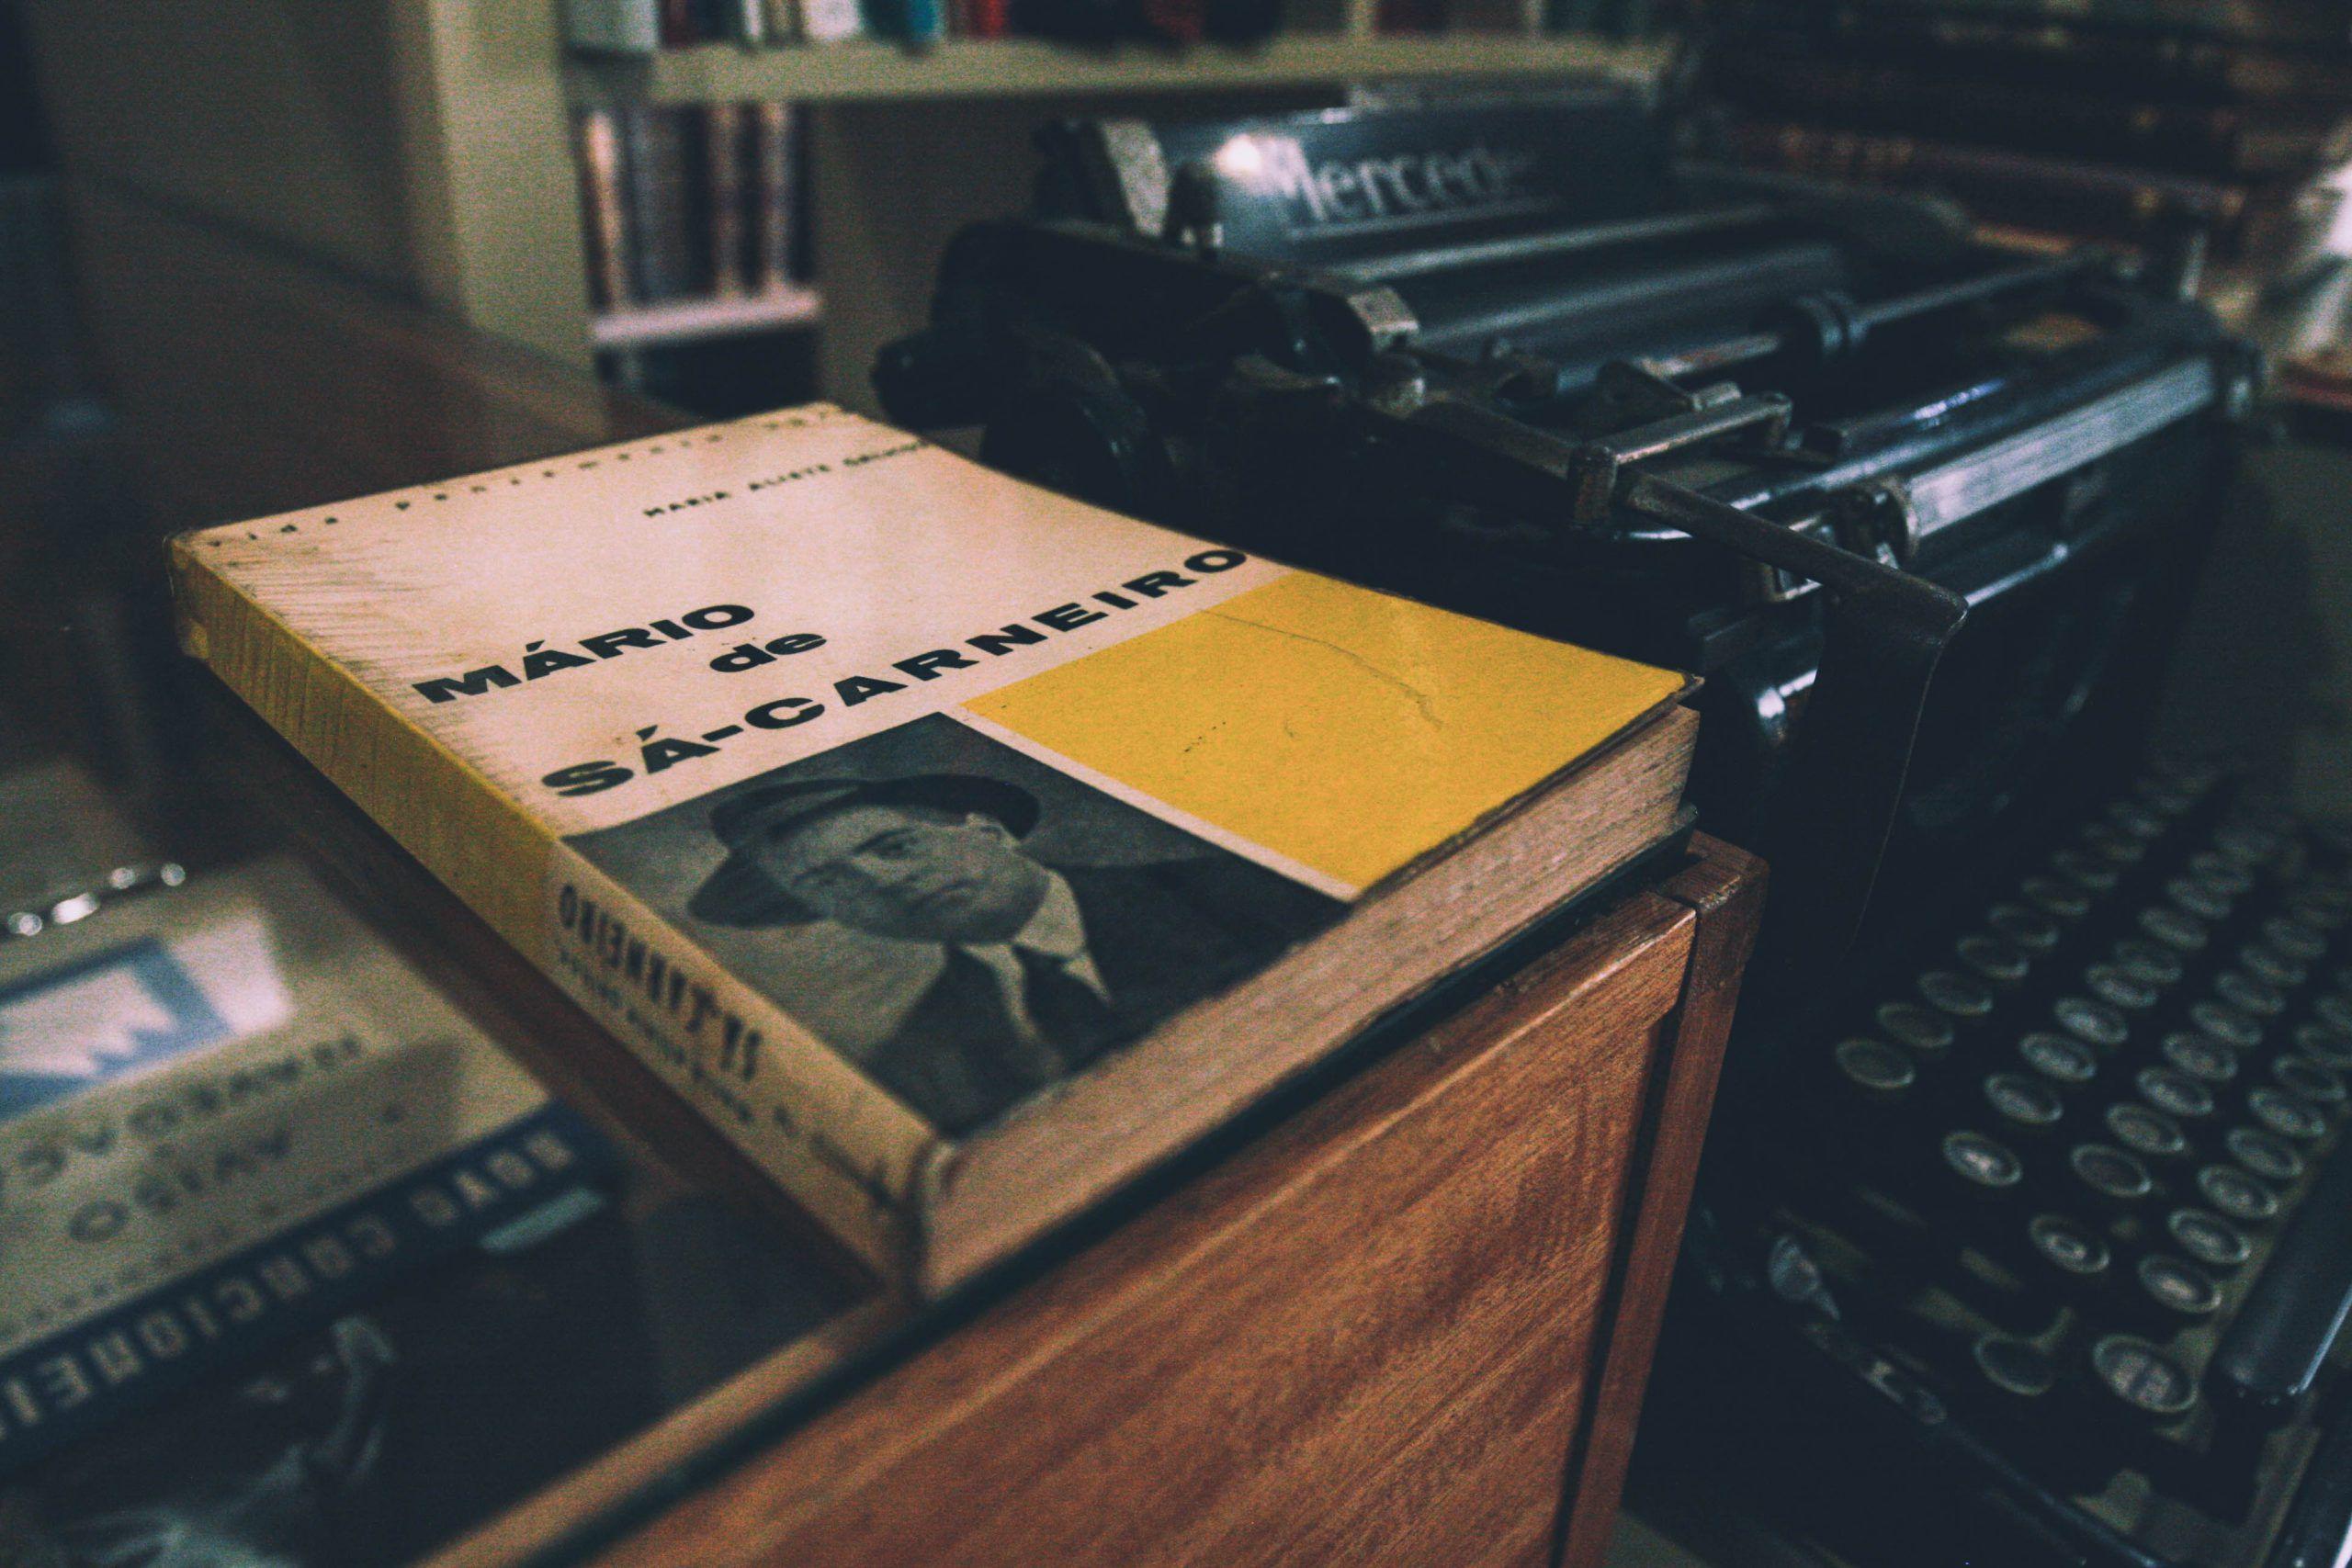 'Mário de Sá-Carneiro', biografia rara, de 1963 (passatempo)